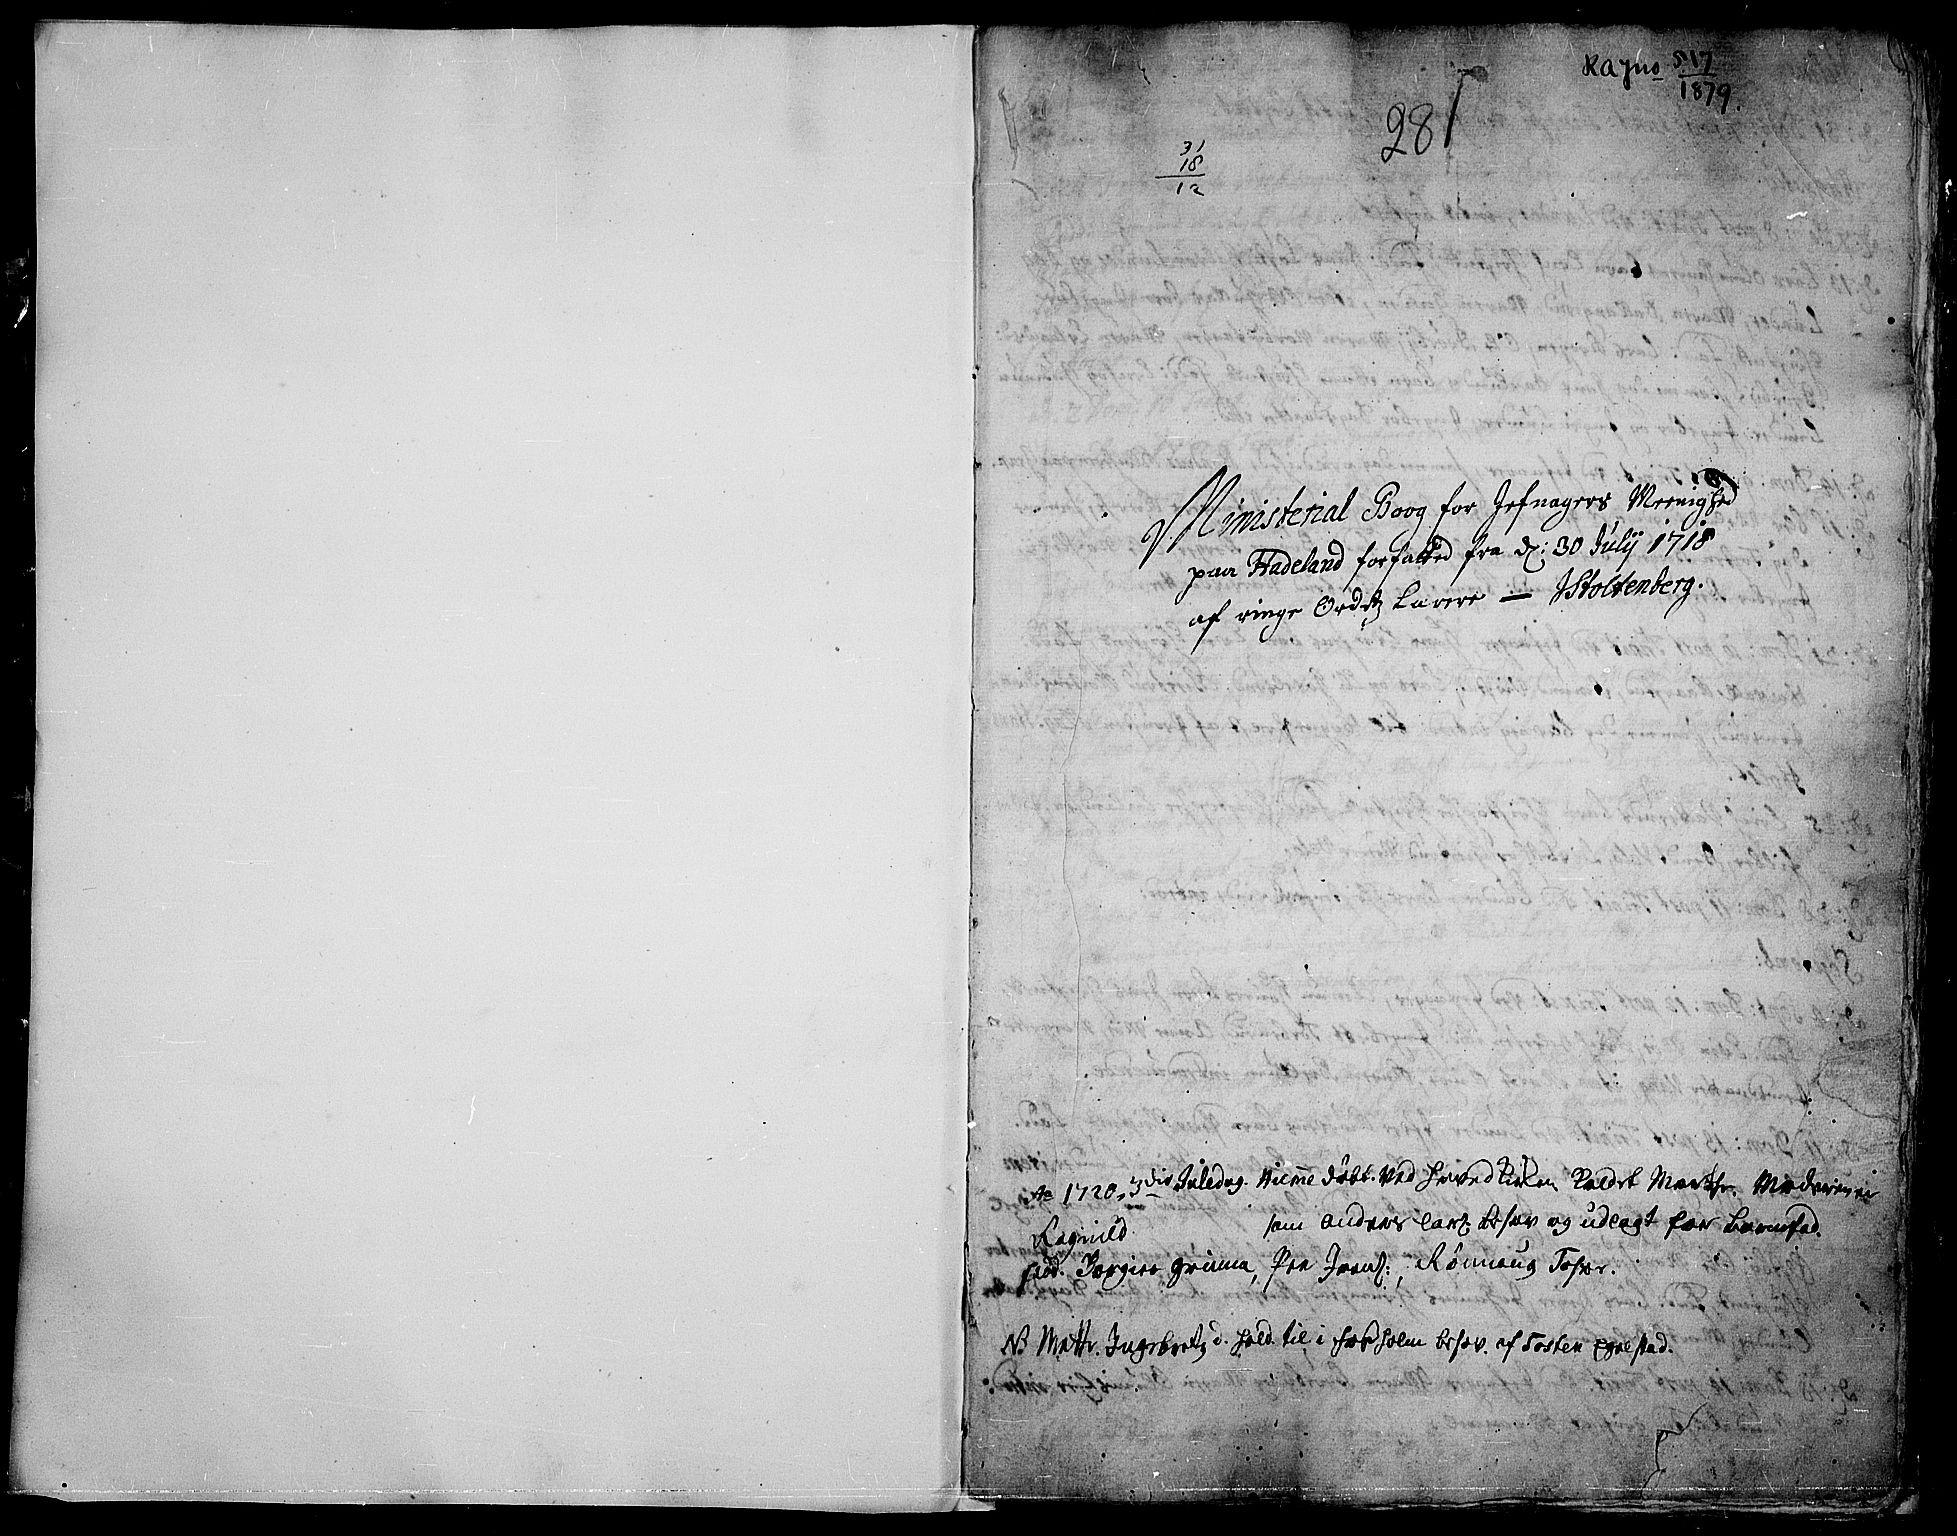 SAH, Jevnaker prestekontor, Ministerialbok nr. 1, 1718-1725